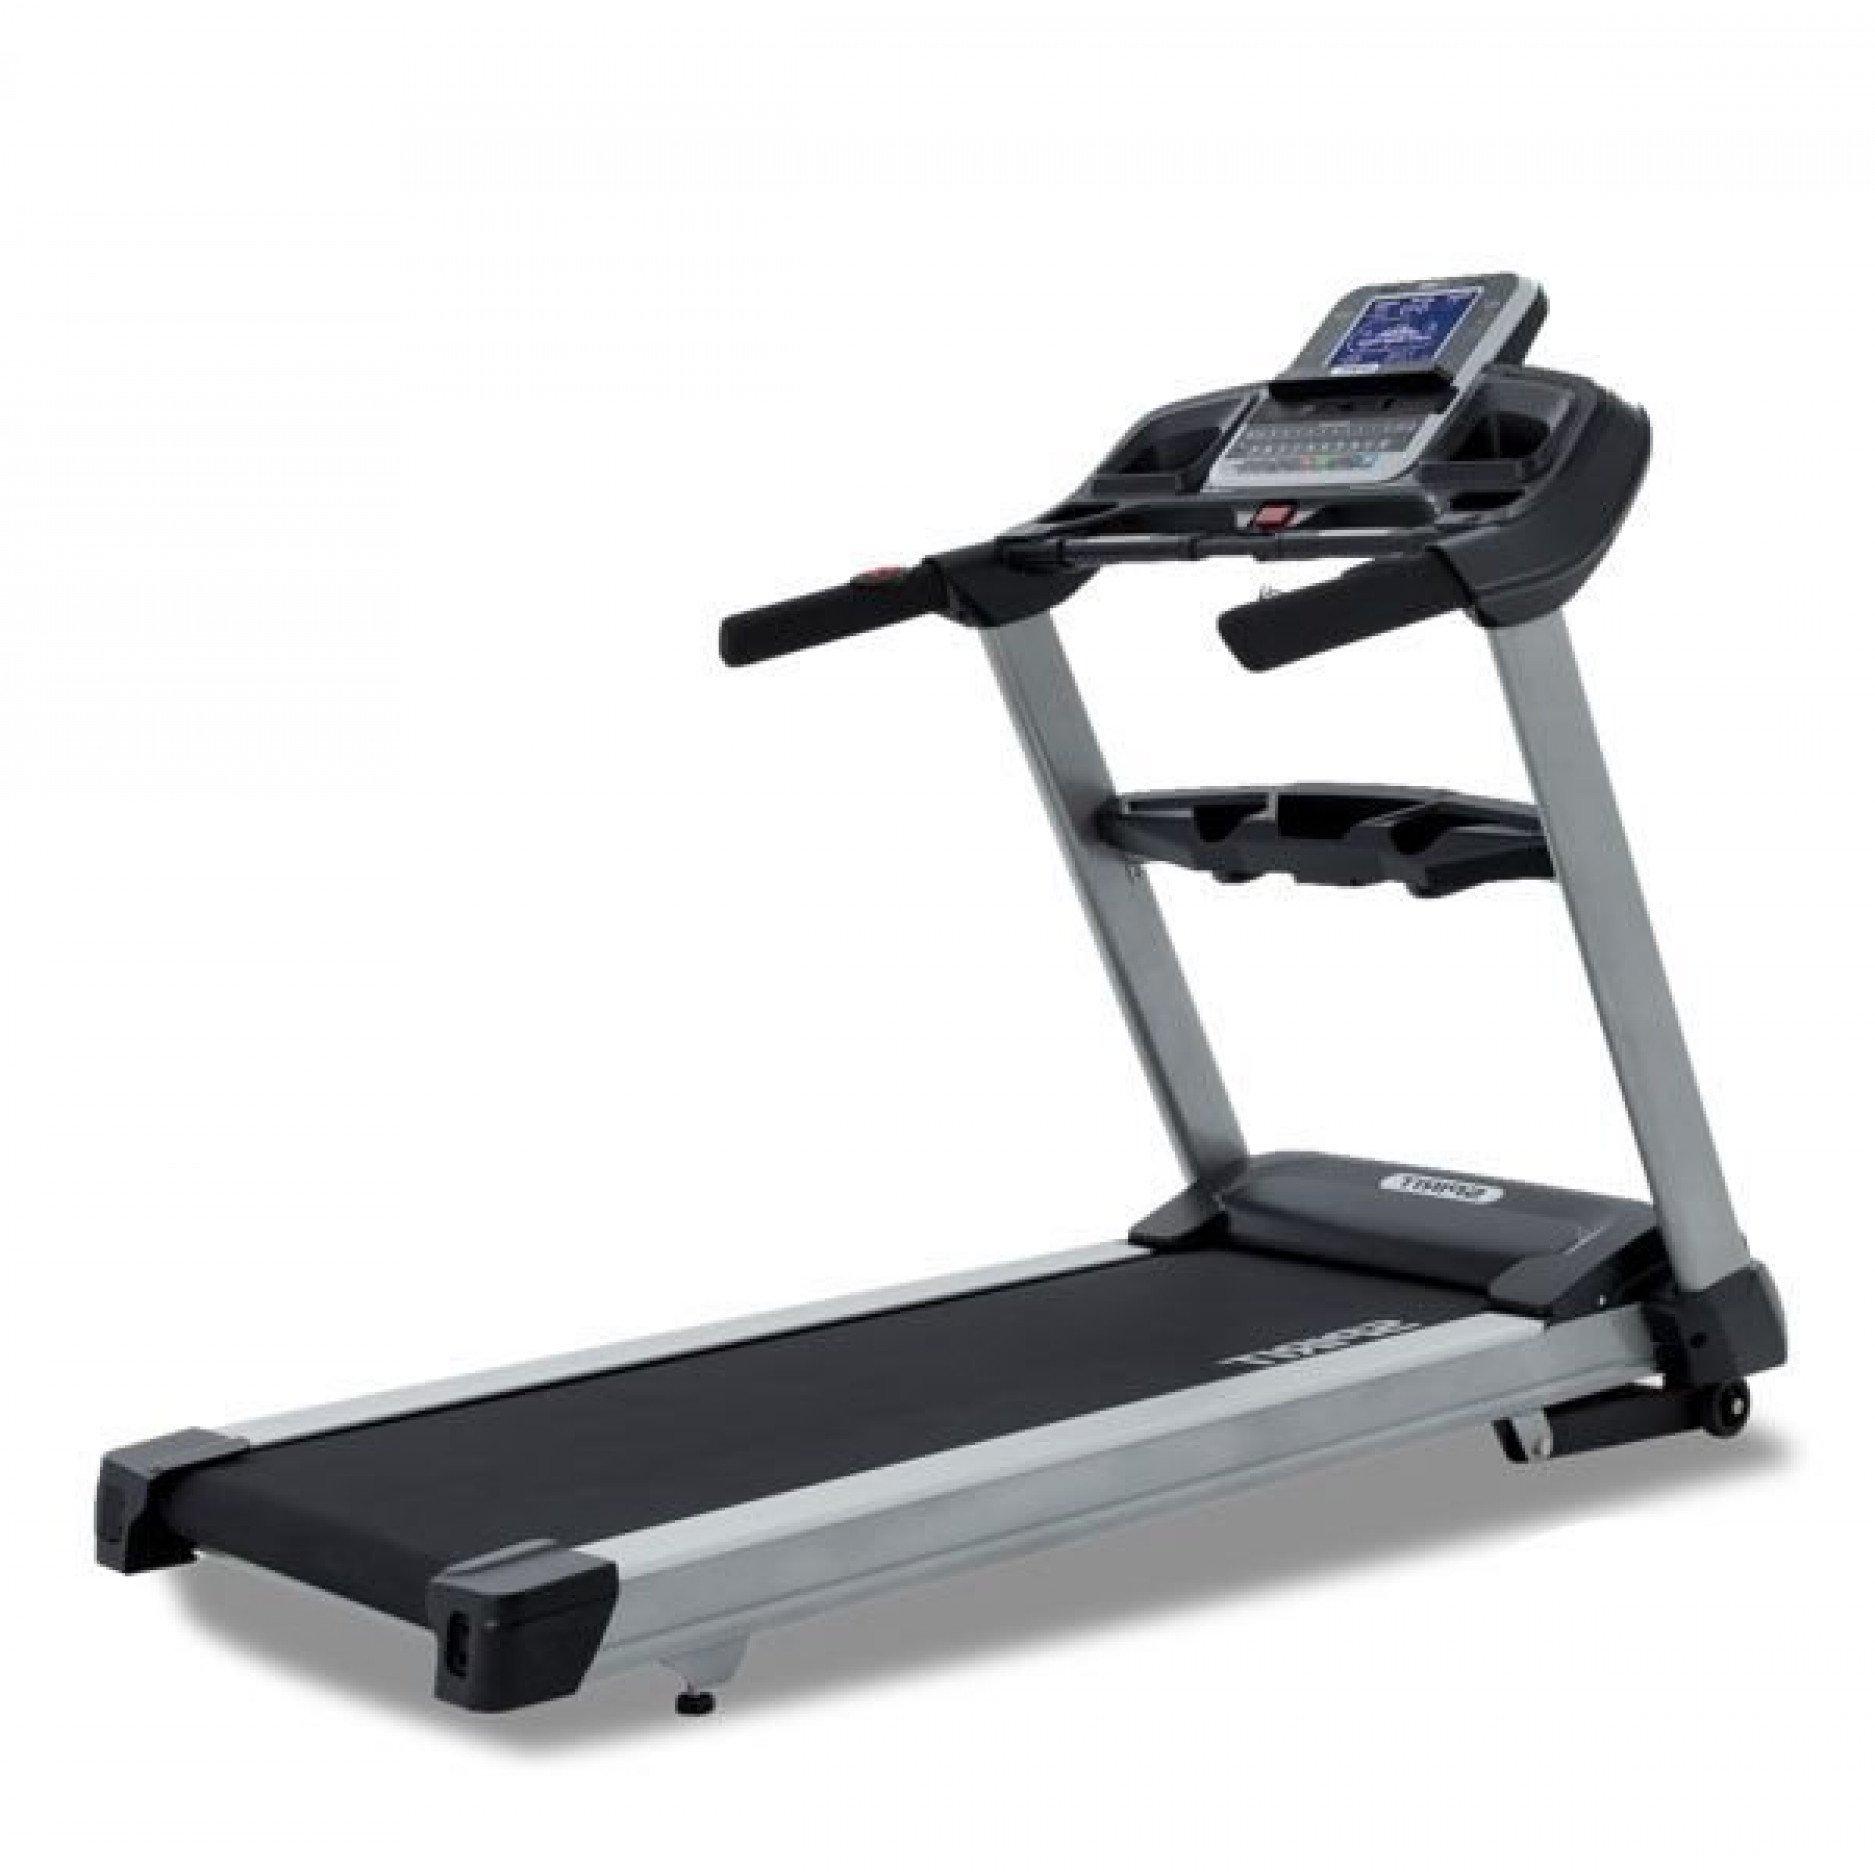 Беговая дорожка Spirit fitness XT685 DC